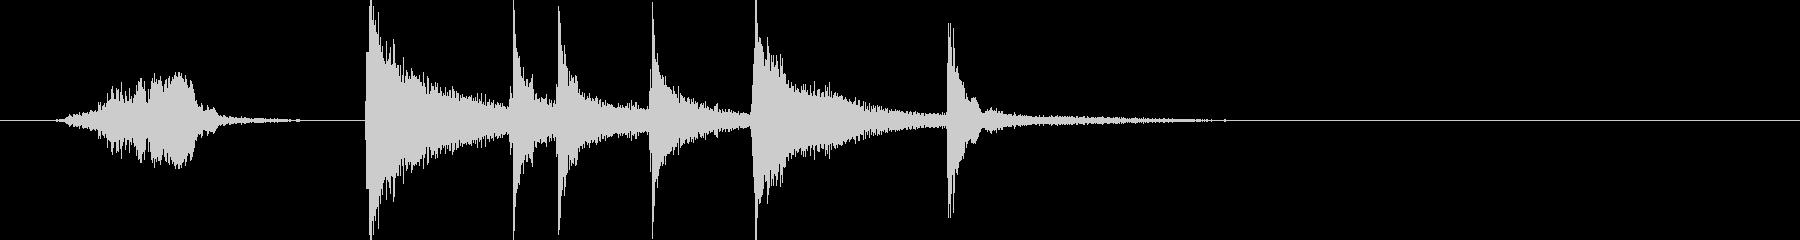 三味線ジングル 其の八 鼓じめの未再生の波形